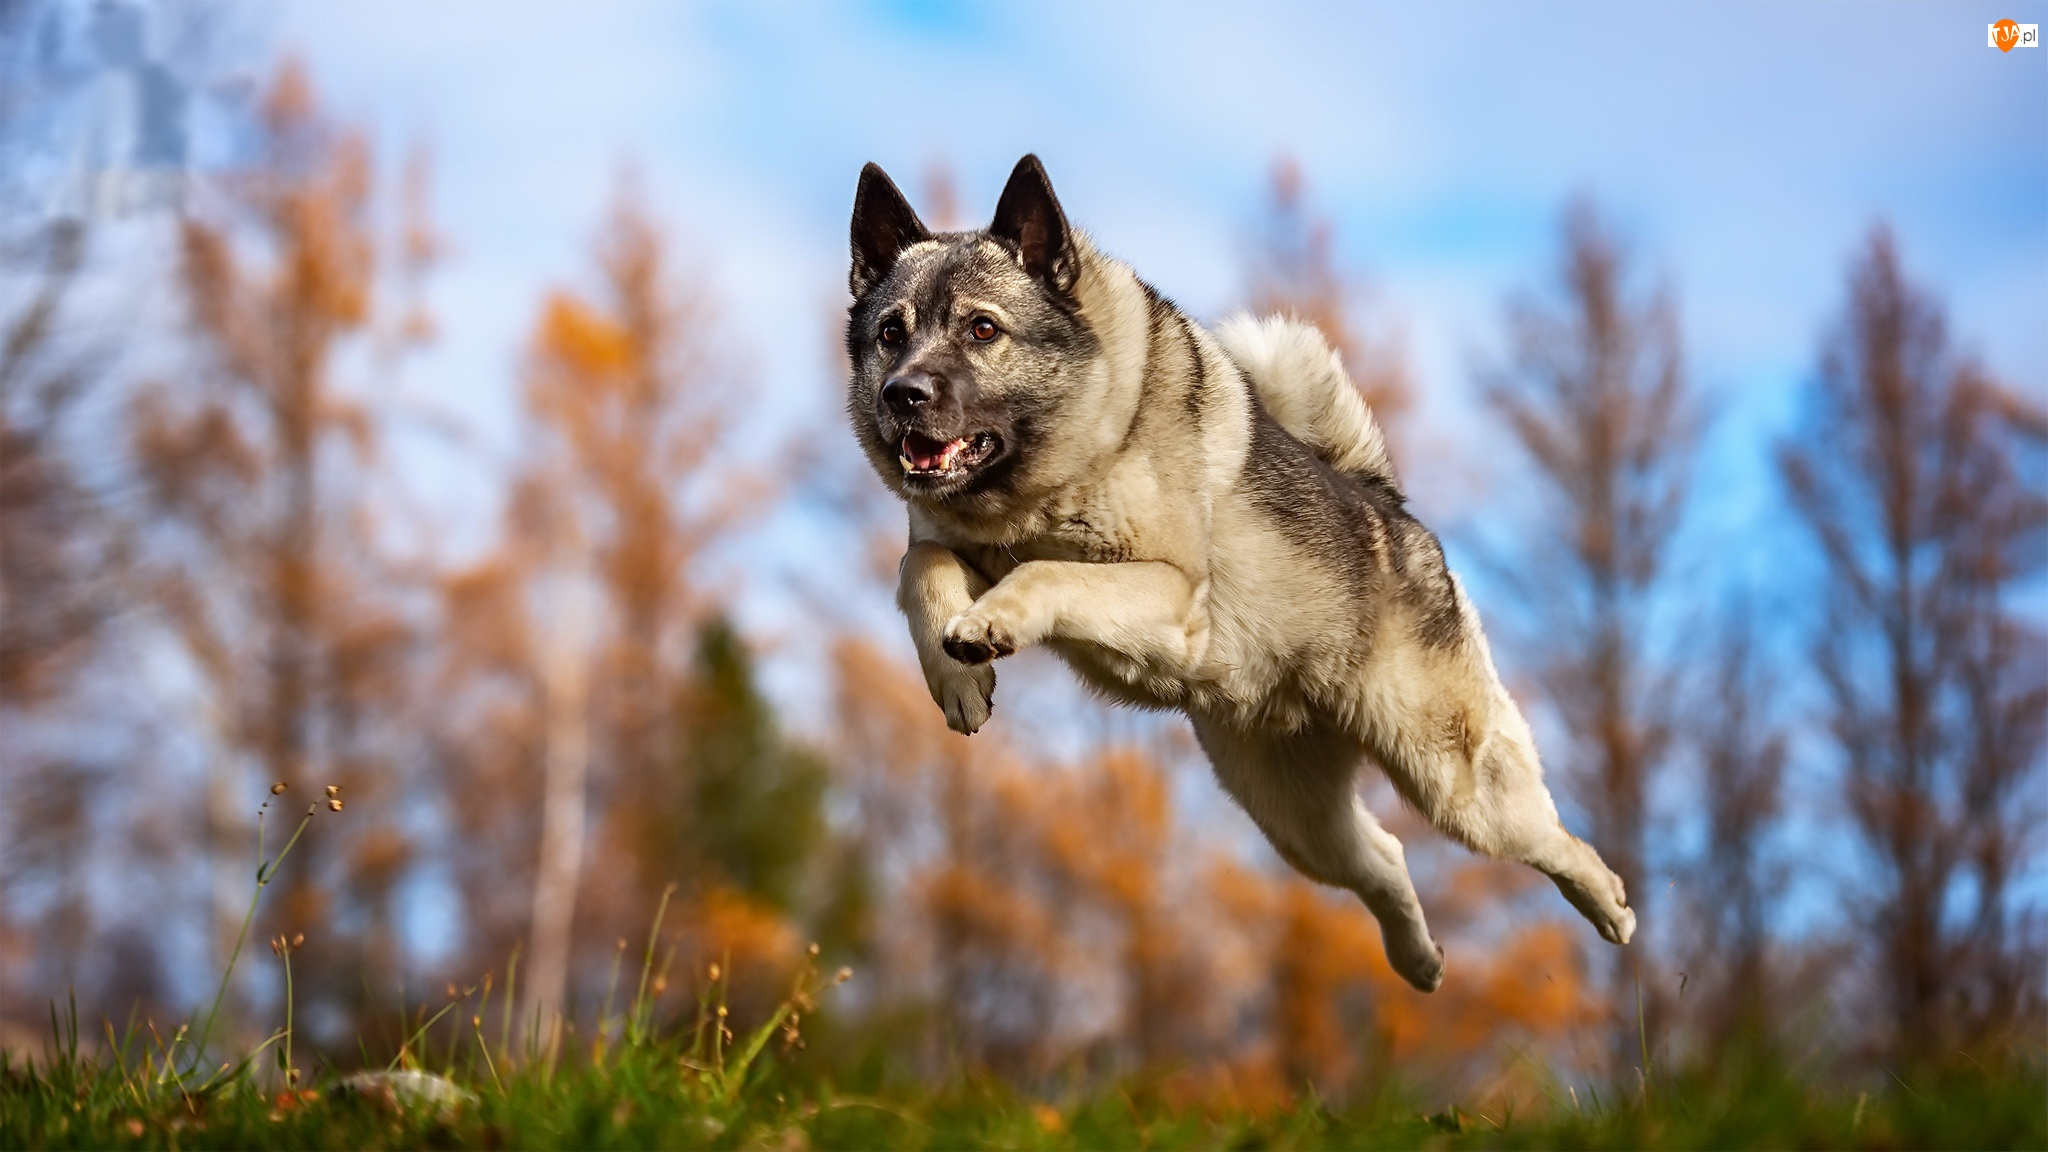 Skok, Pies, Bieg